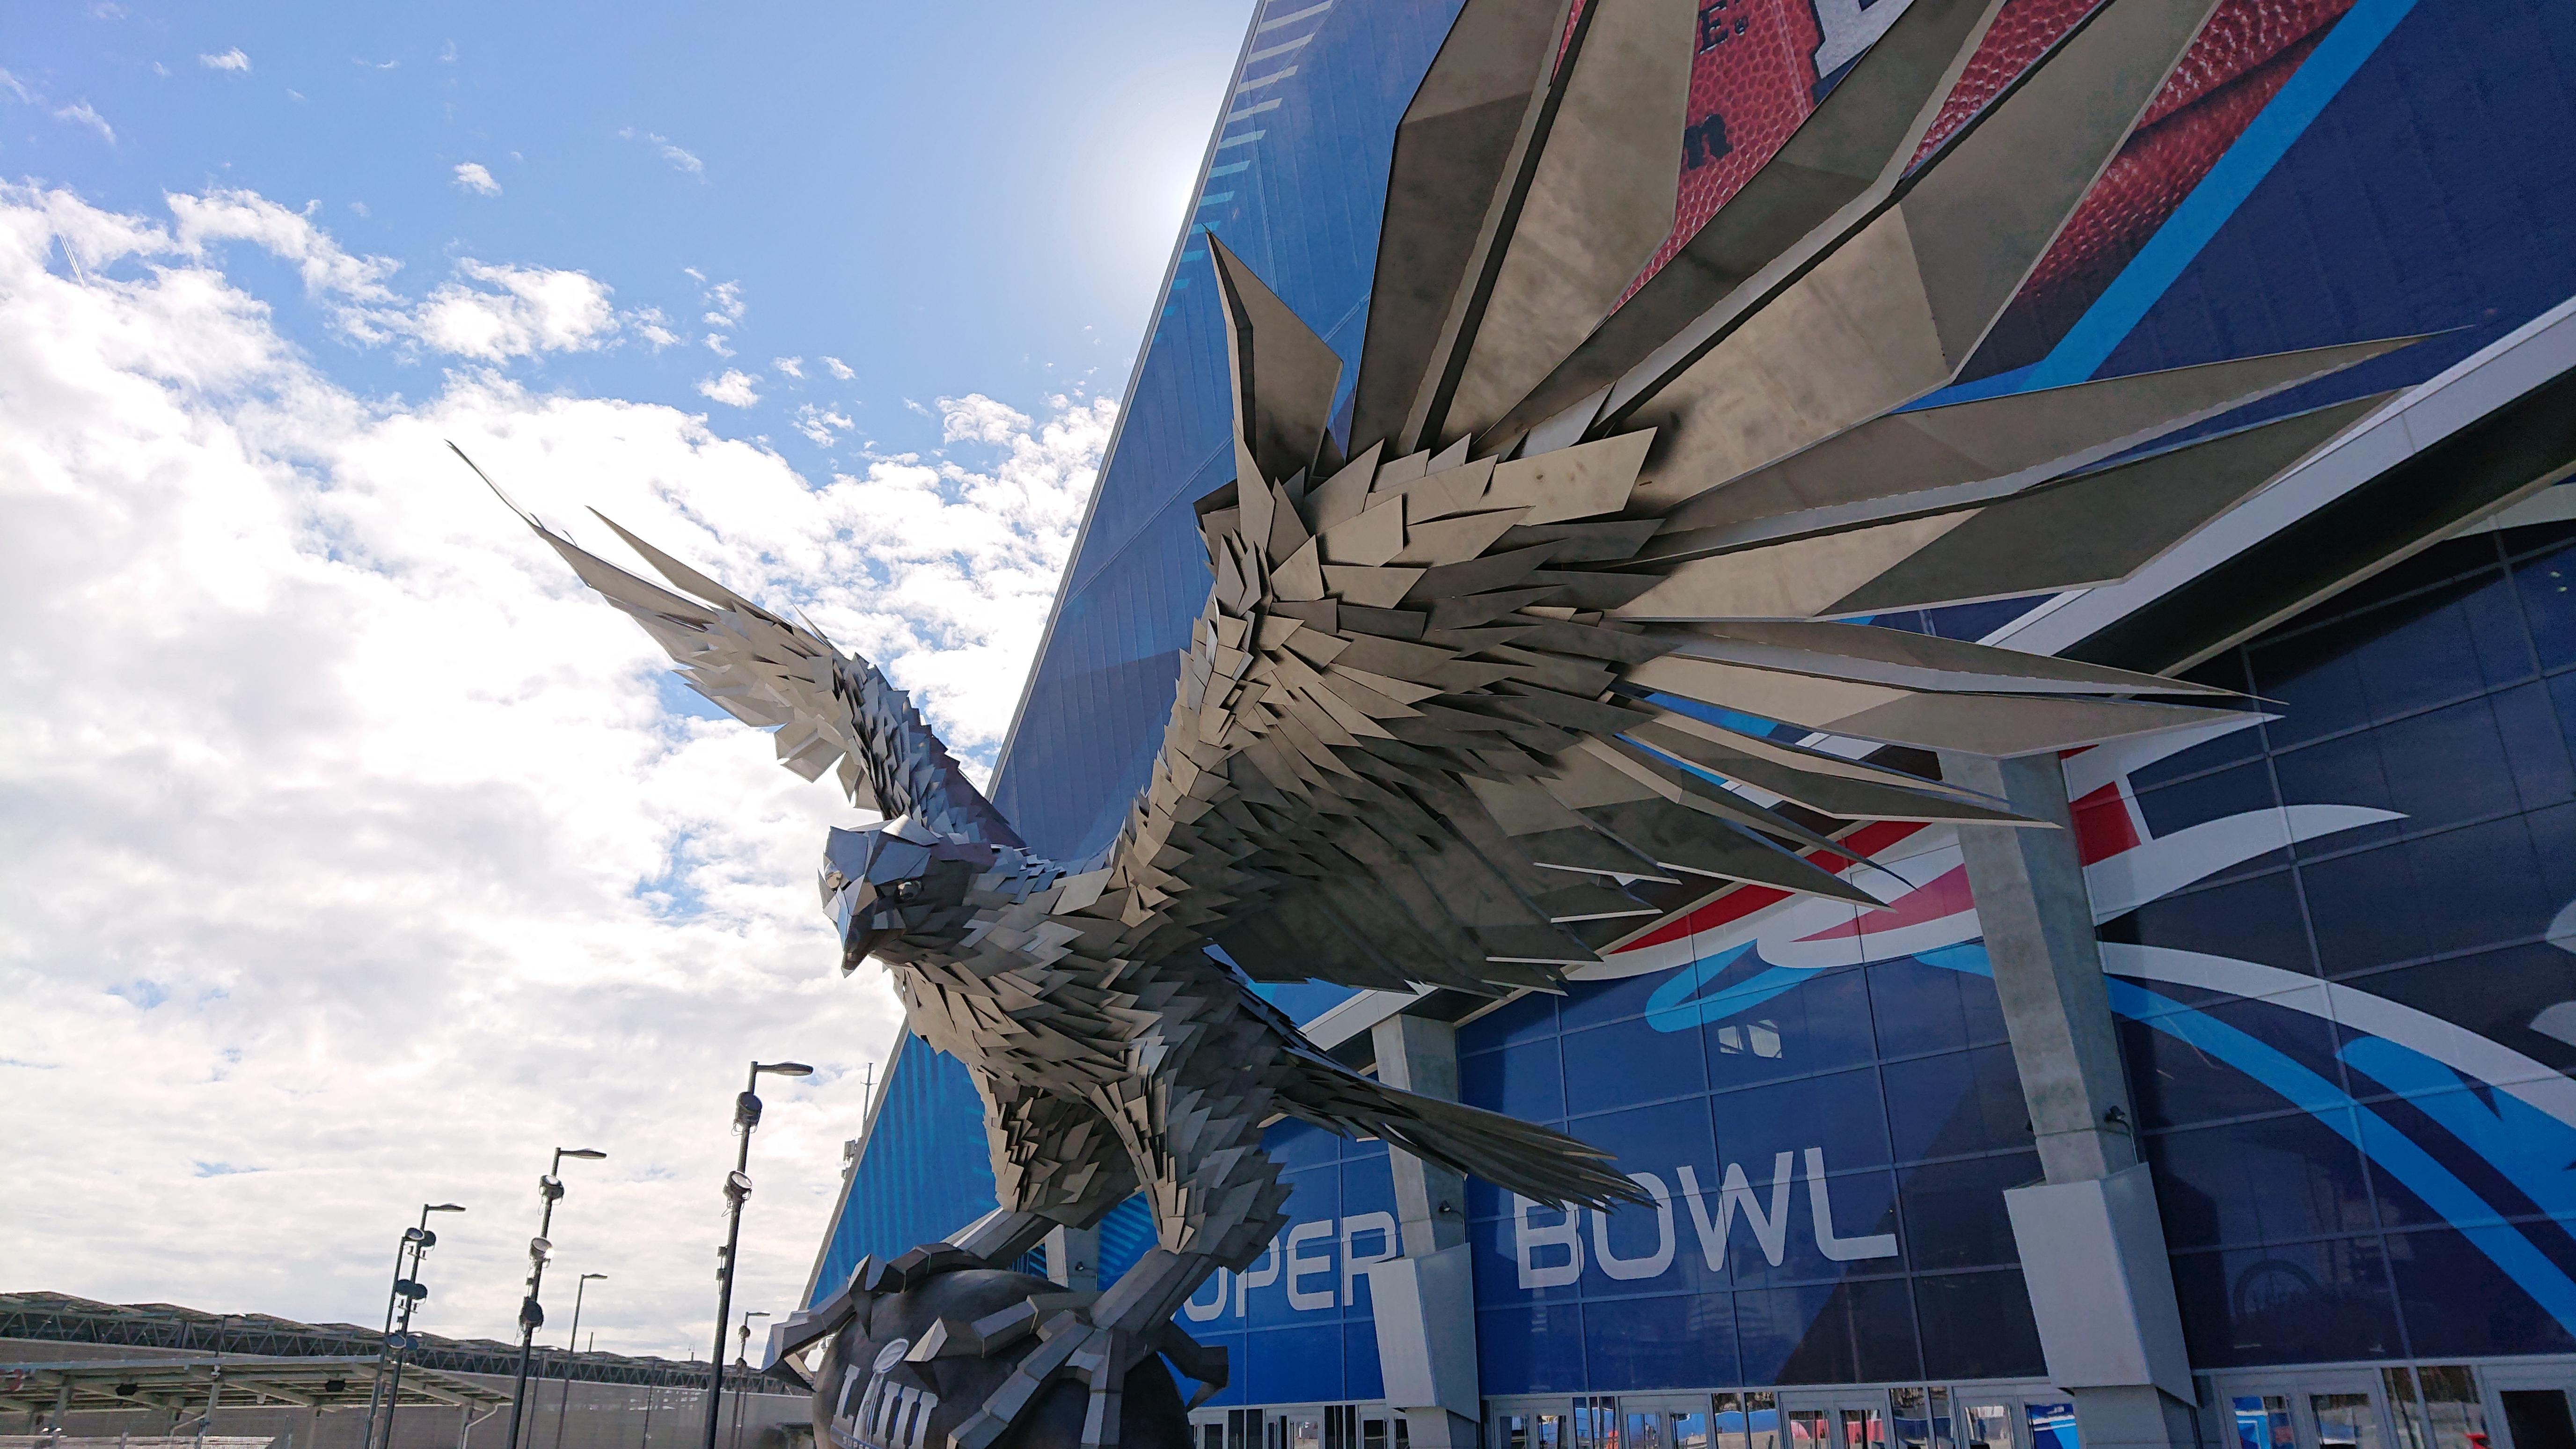 第53回スーパーボウルが開催されたジョージア州アトランタのメルセデスベンツドームには巨大な「ファルコン像」がある=提供・生沢浩さん